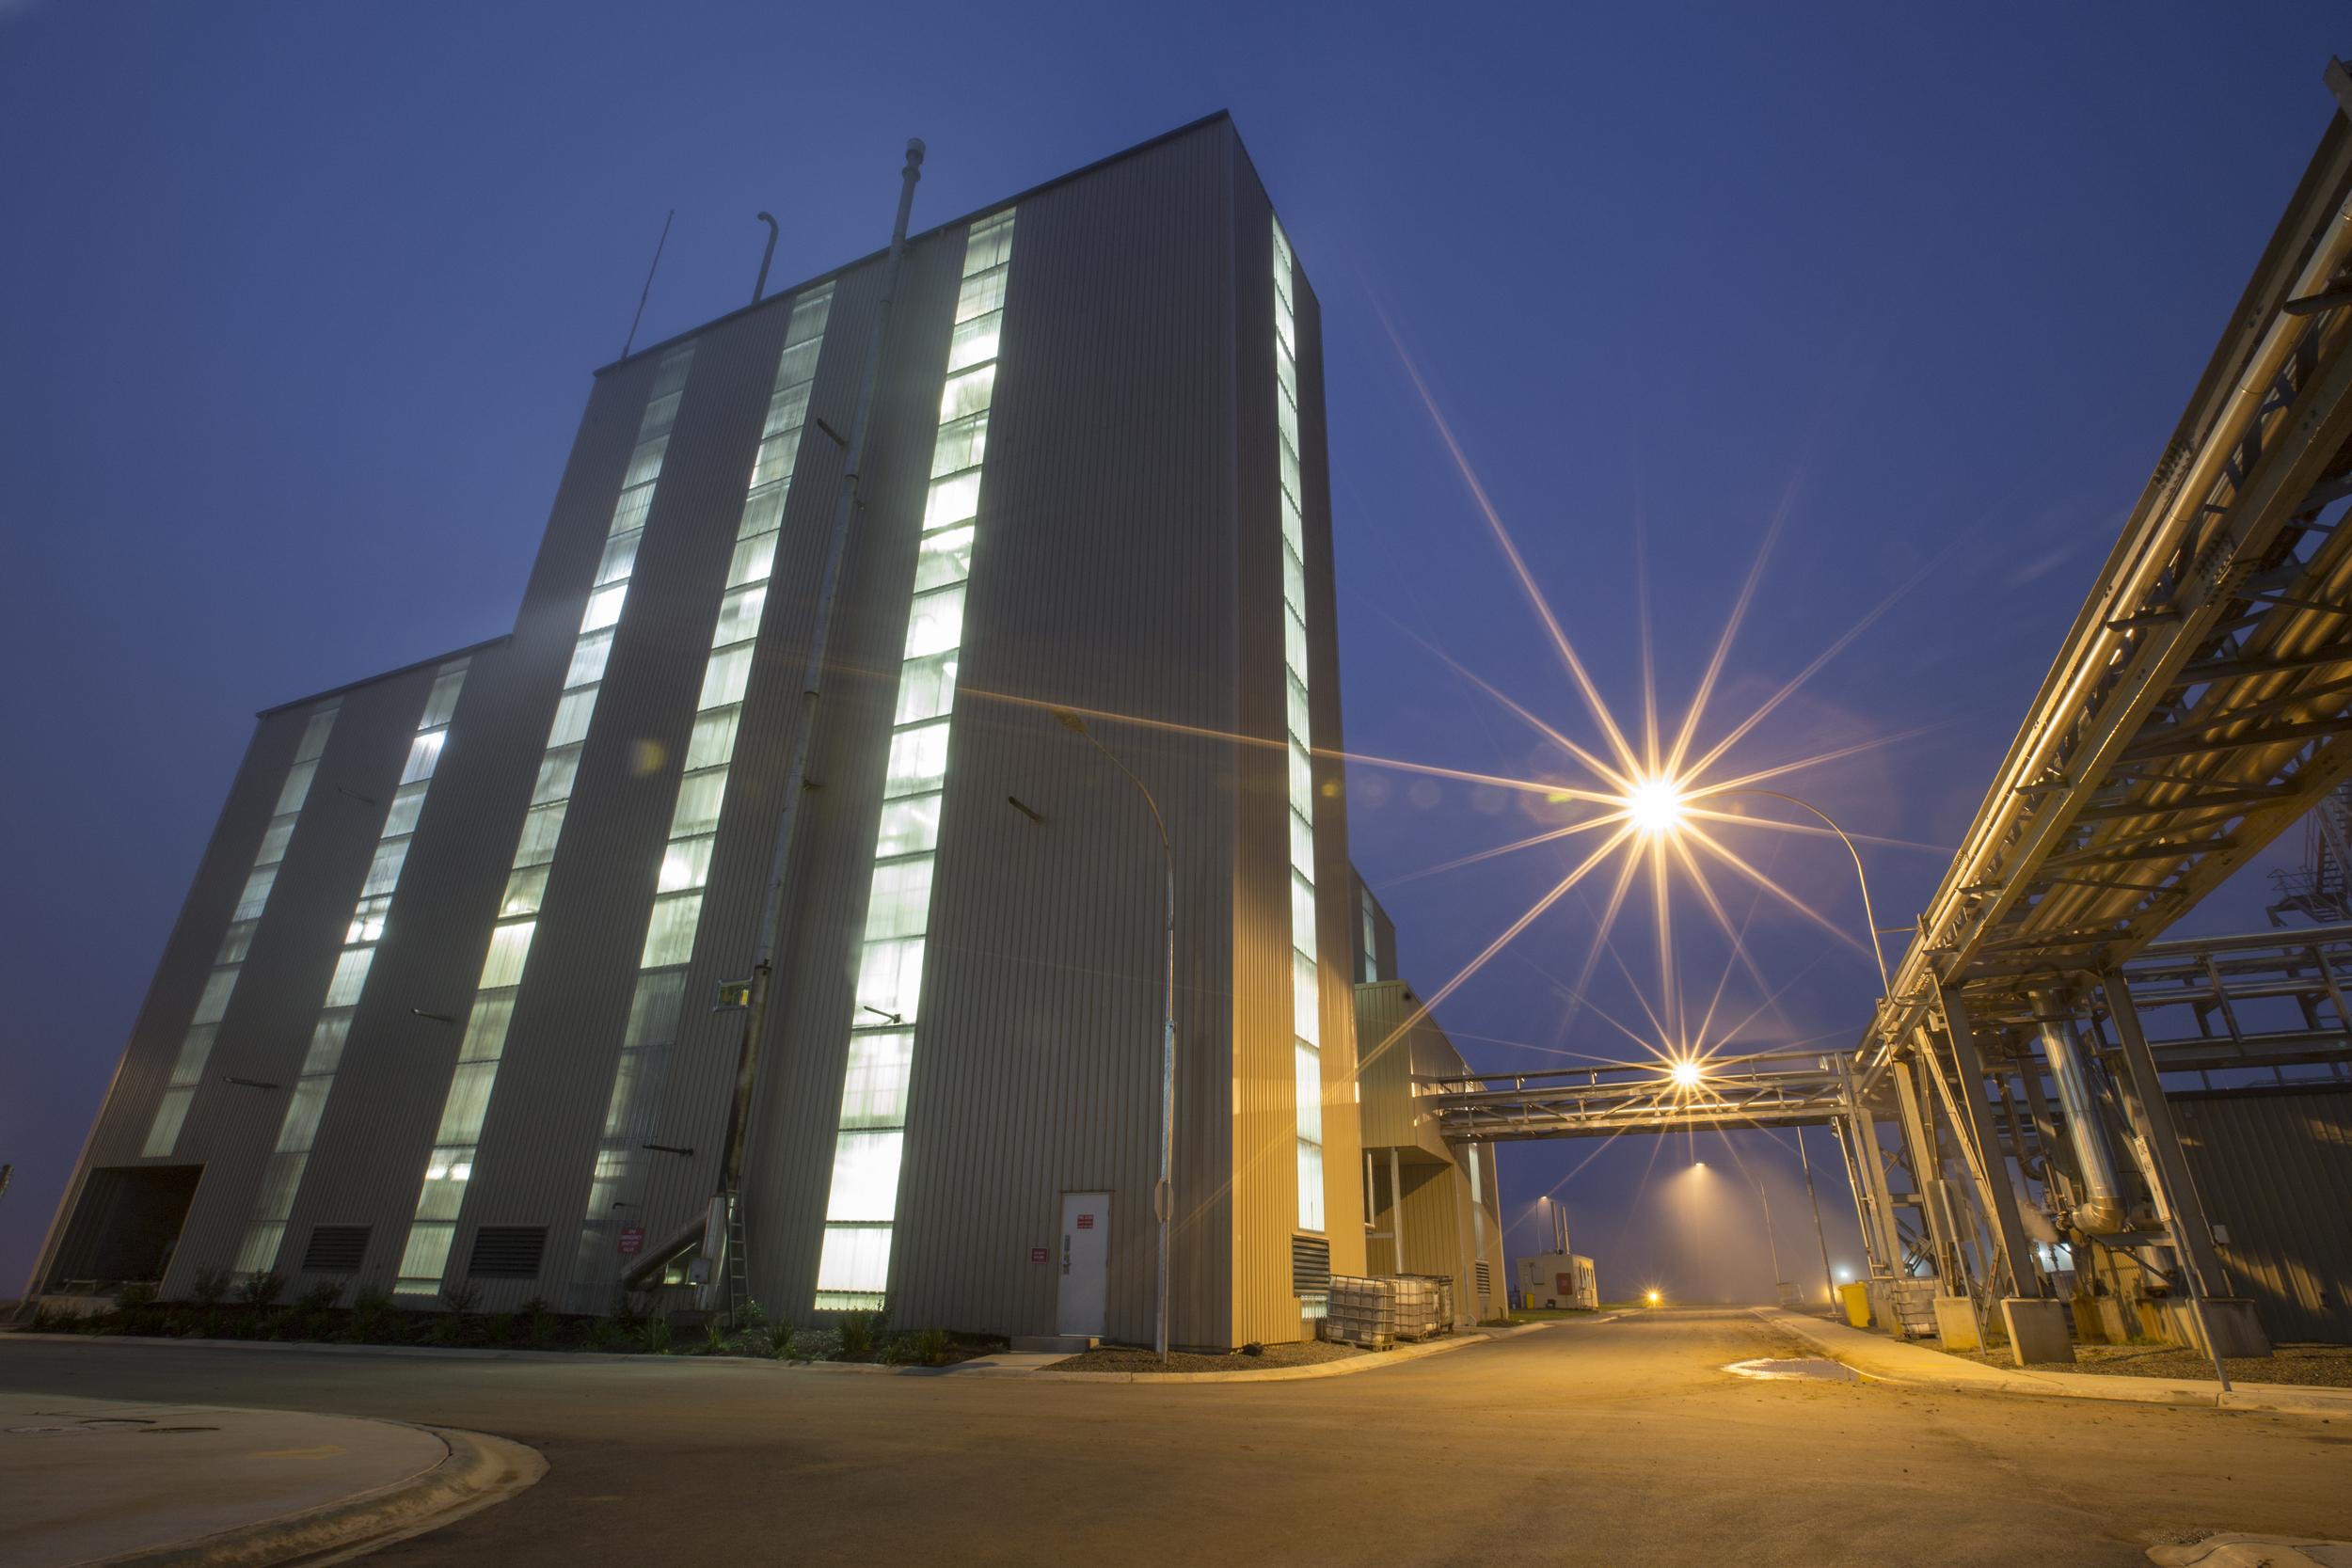 ROBE facility, Wagga Wagga, Australia